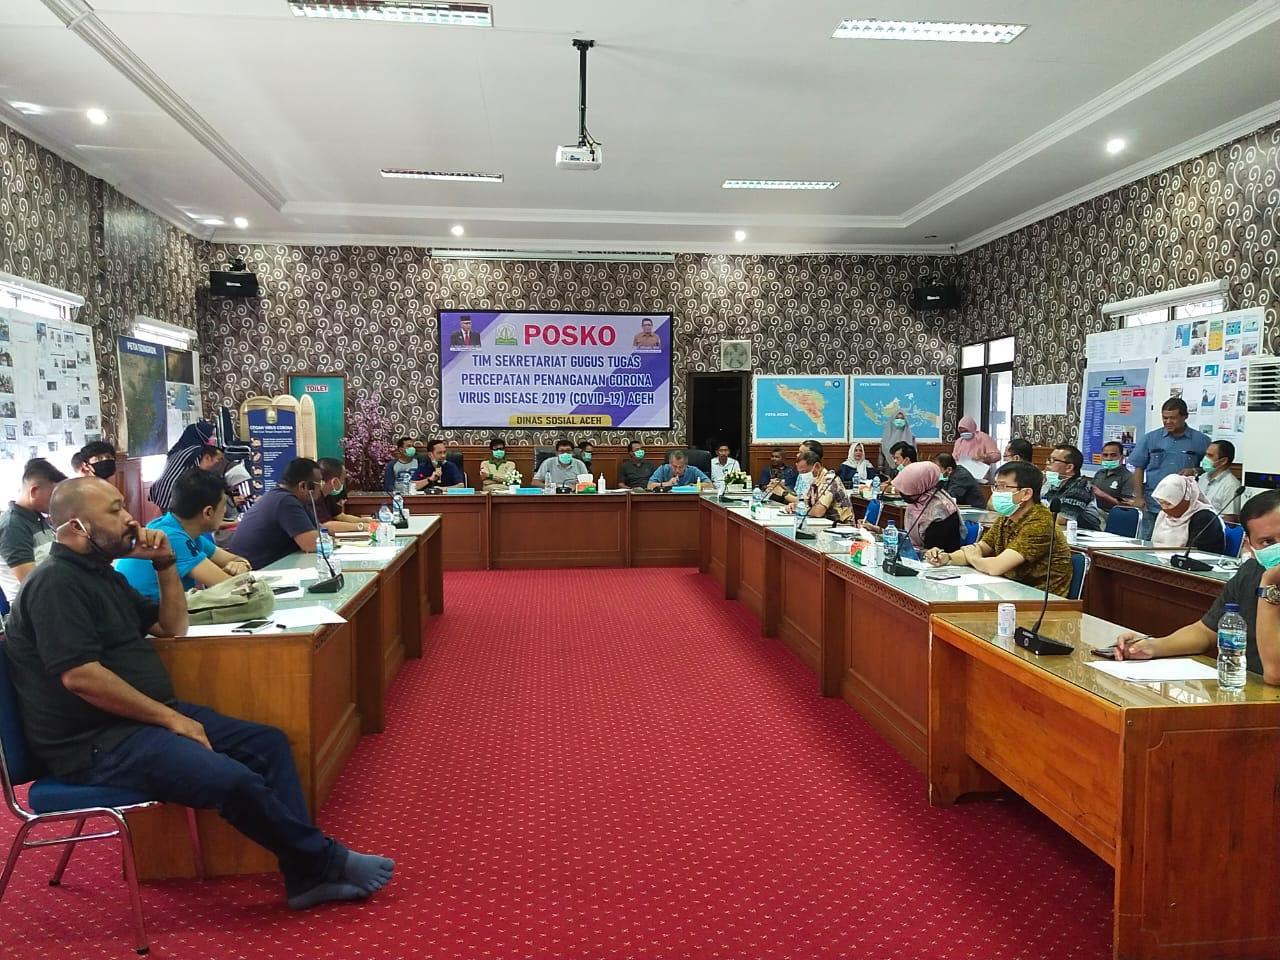 Wabah Corona, 61 Ribu Kepala Keluarga di Aceh Akan Terima Bantuan Sembako